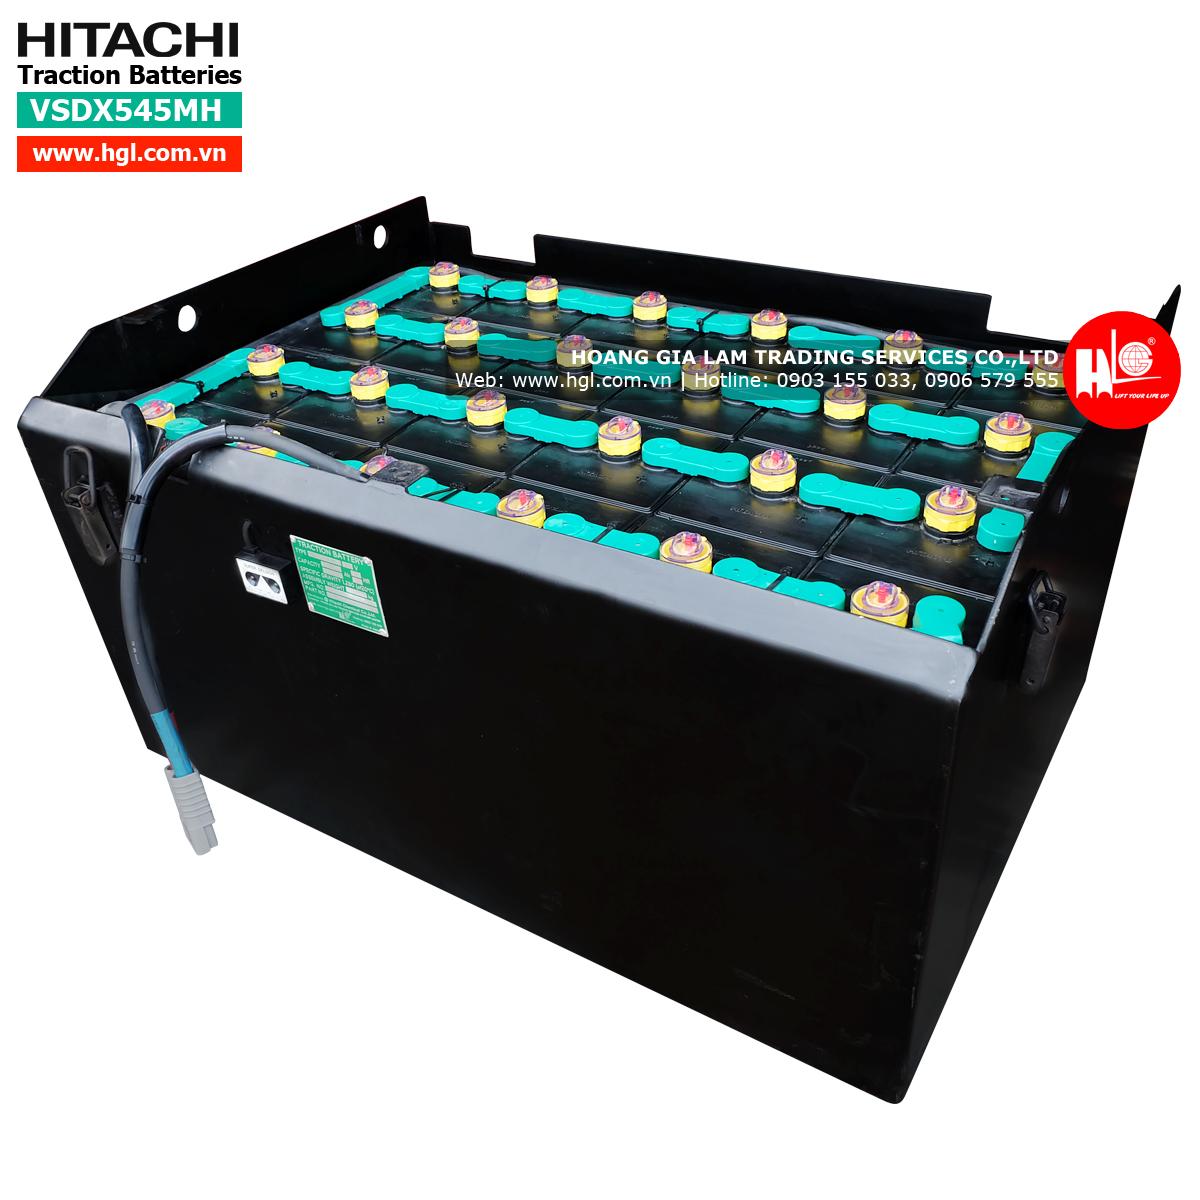 binh-dien-xe-nang-hitachi-VSDX545MH-black